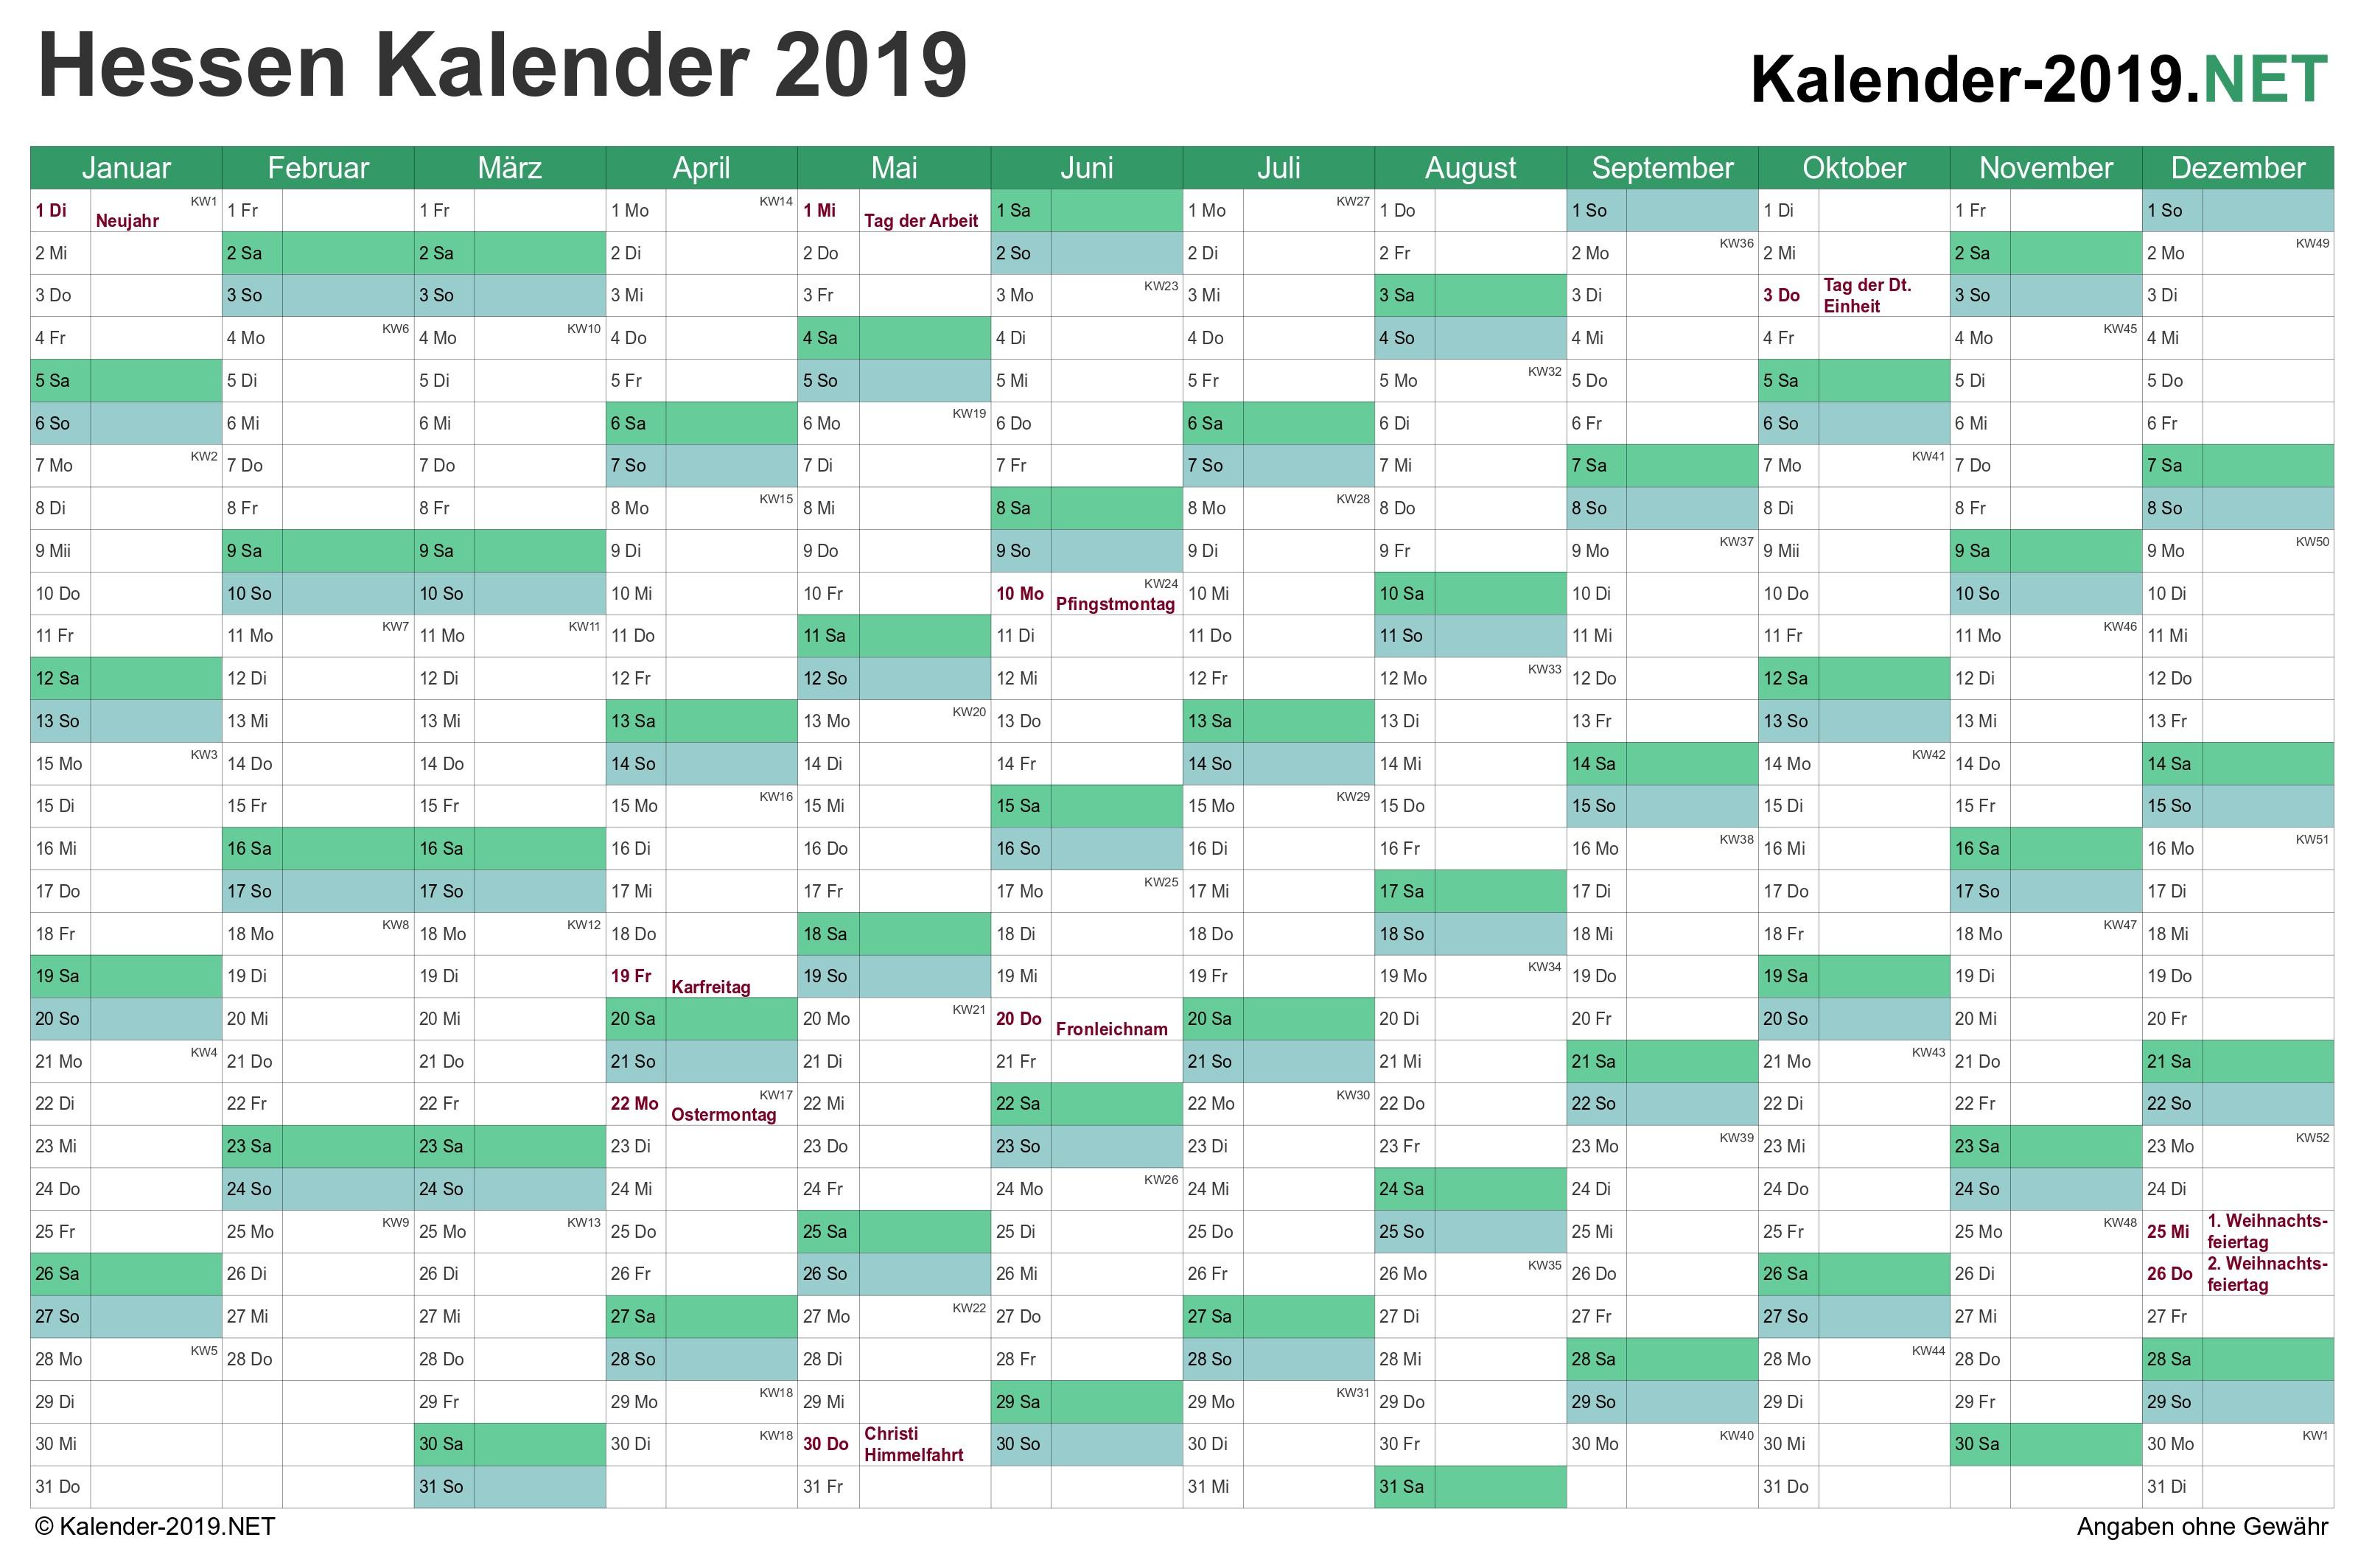 Kalender 2019 Excel Kw Recientes Kalender 2019 Din A5 Of Kalender 2019 Excel Kw Actual Kalenderwochen 2017 Excel Genial Kalender 2017 Excel Malvorlagen